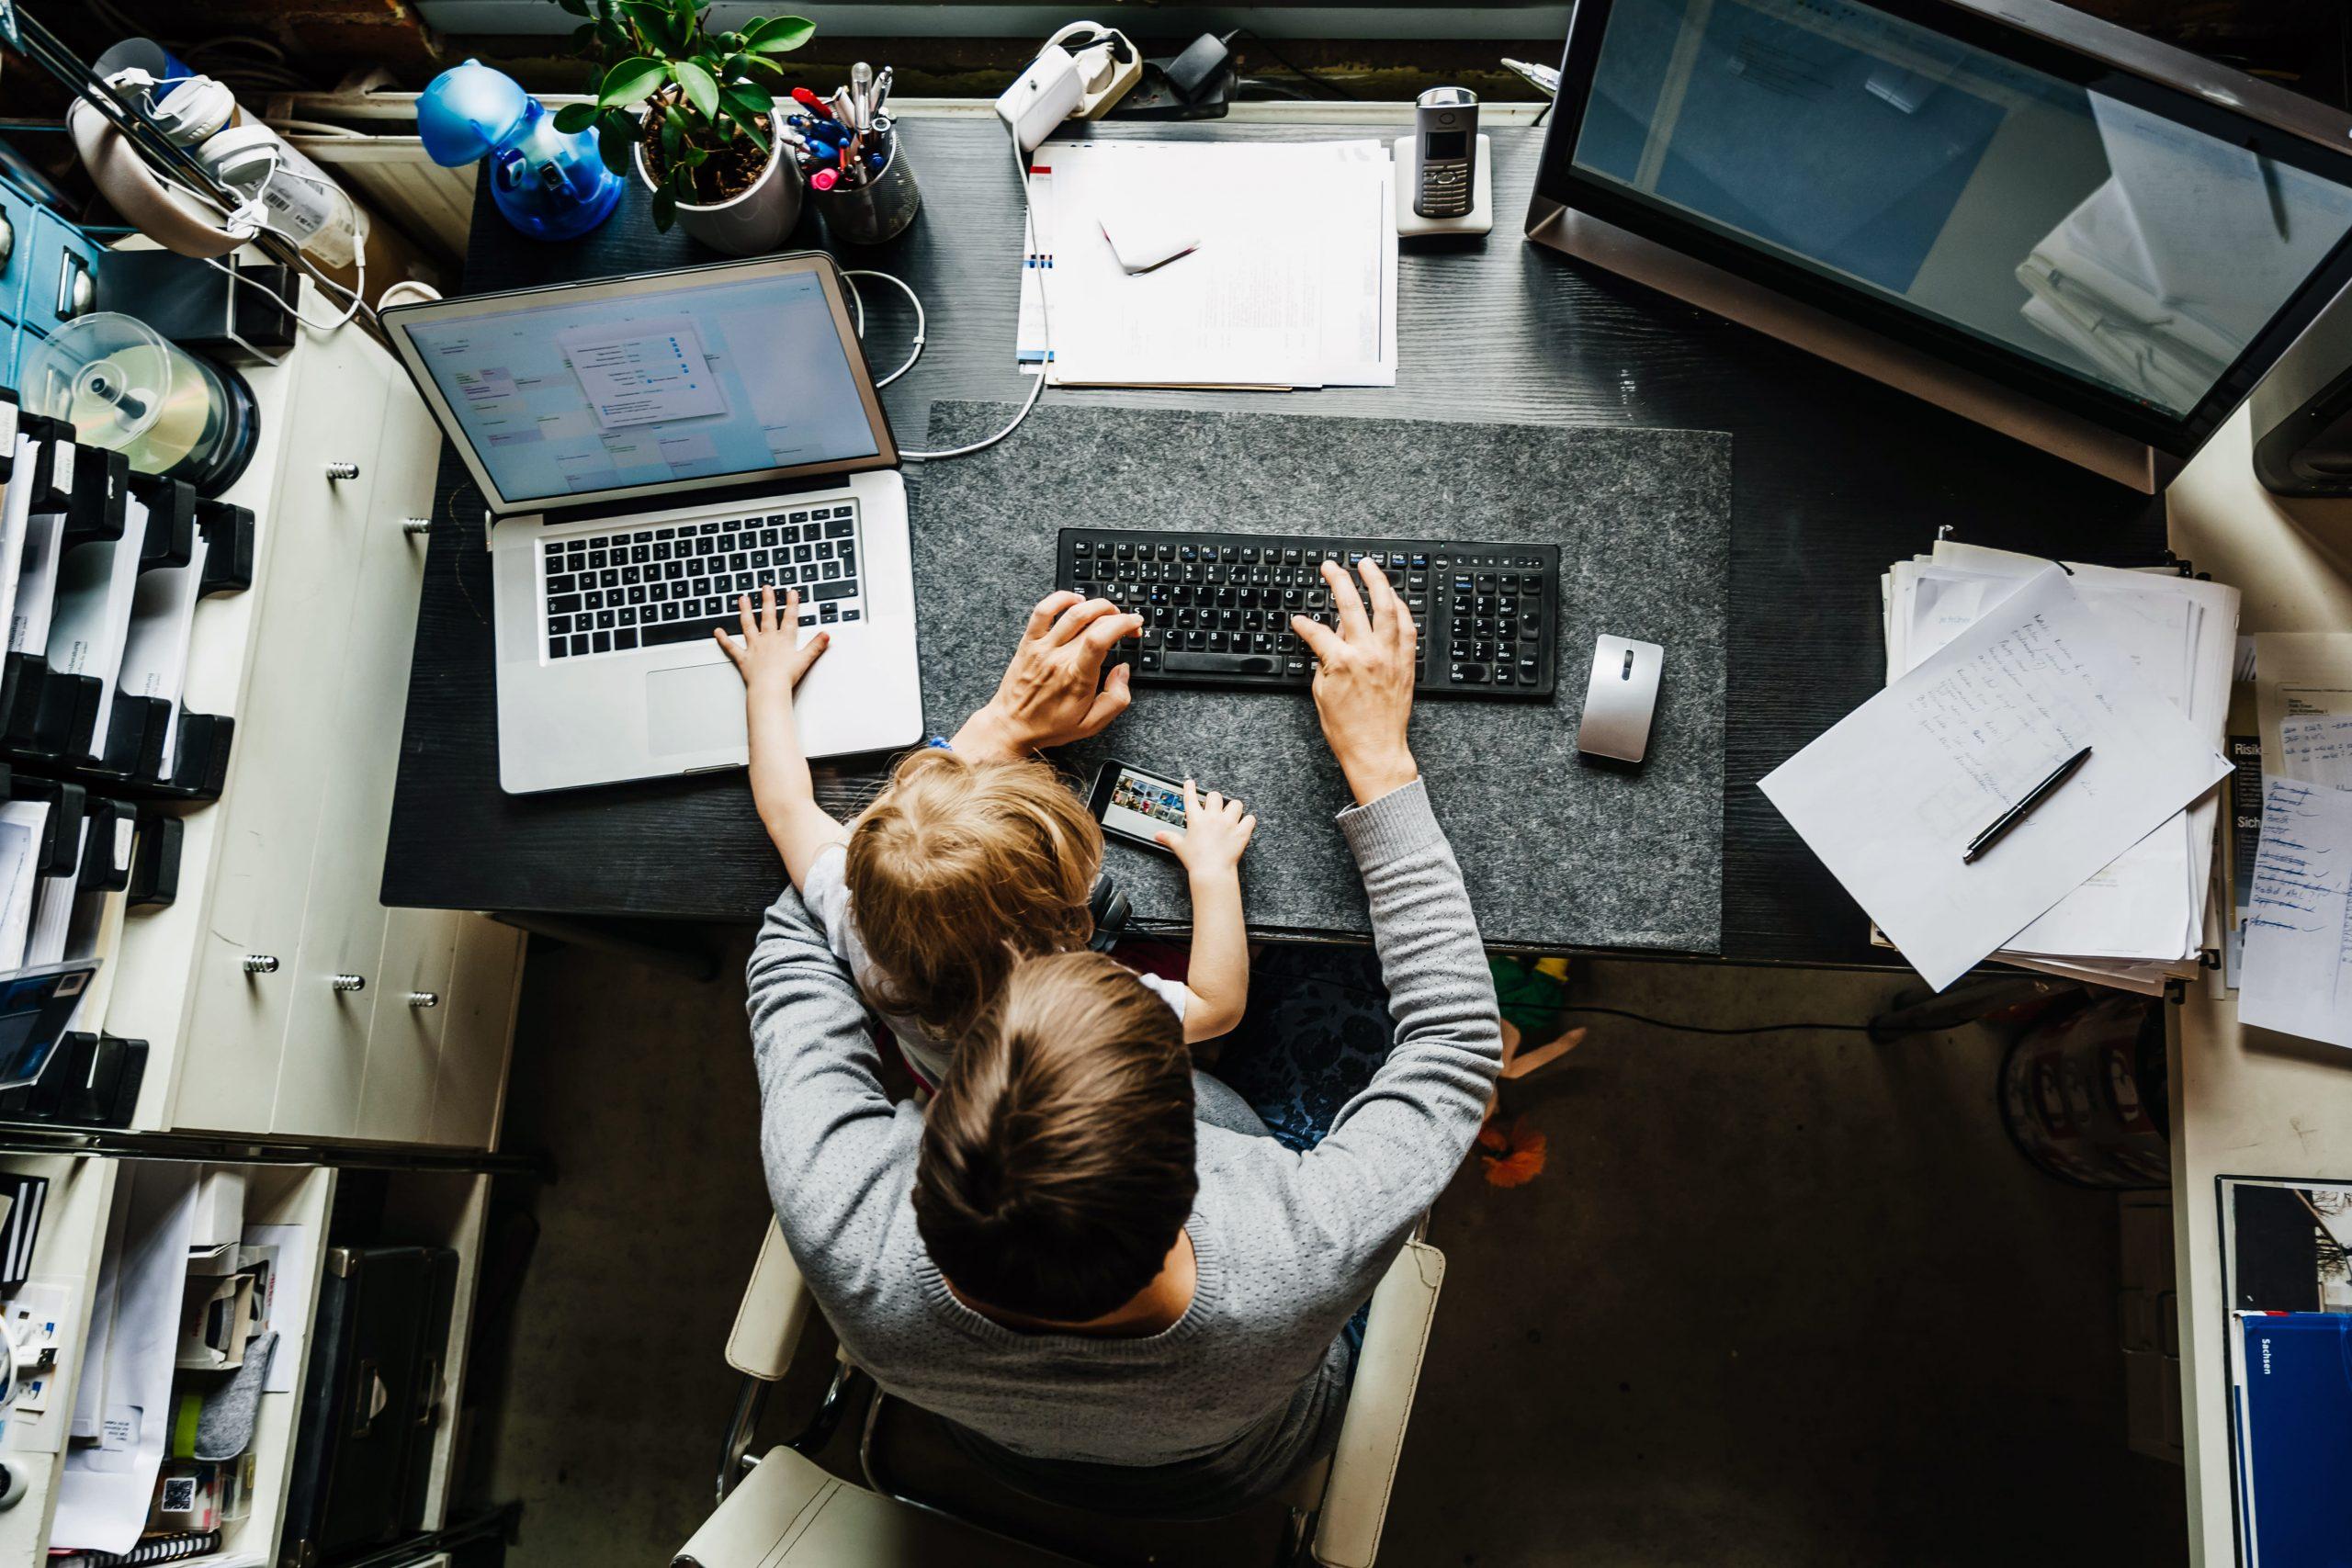 فيس بوك وجوجل تُمددا عمل موظفيهما من المنزل حتى نهاية 2020